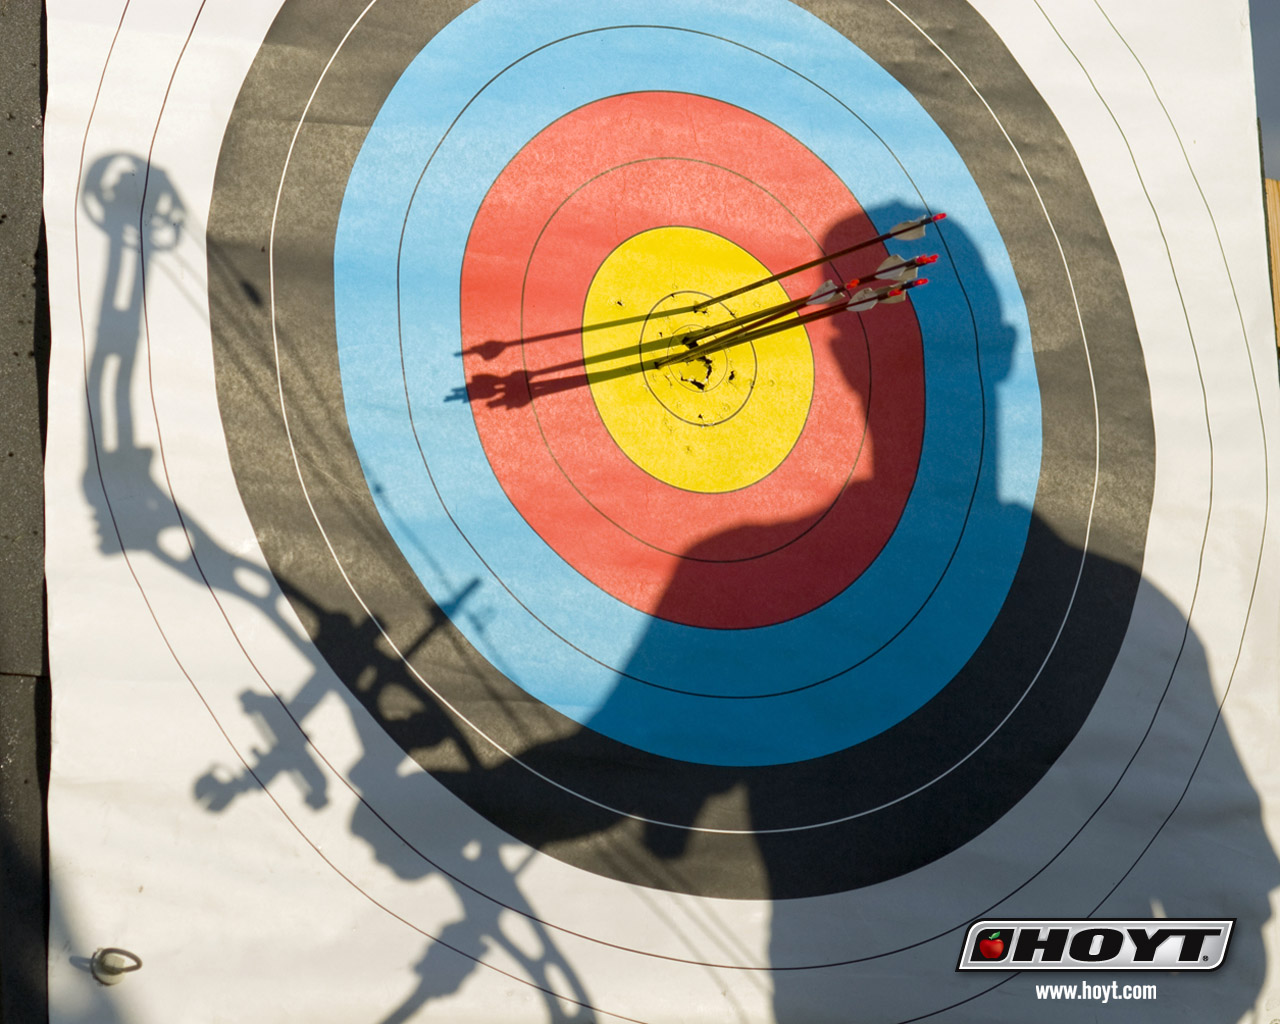 Archery-Hoyt-wallpaper-wp4403443